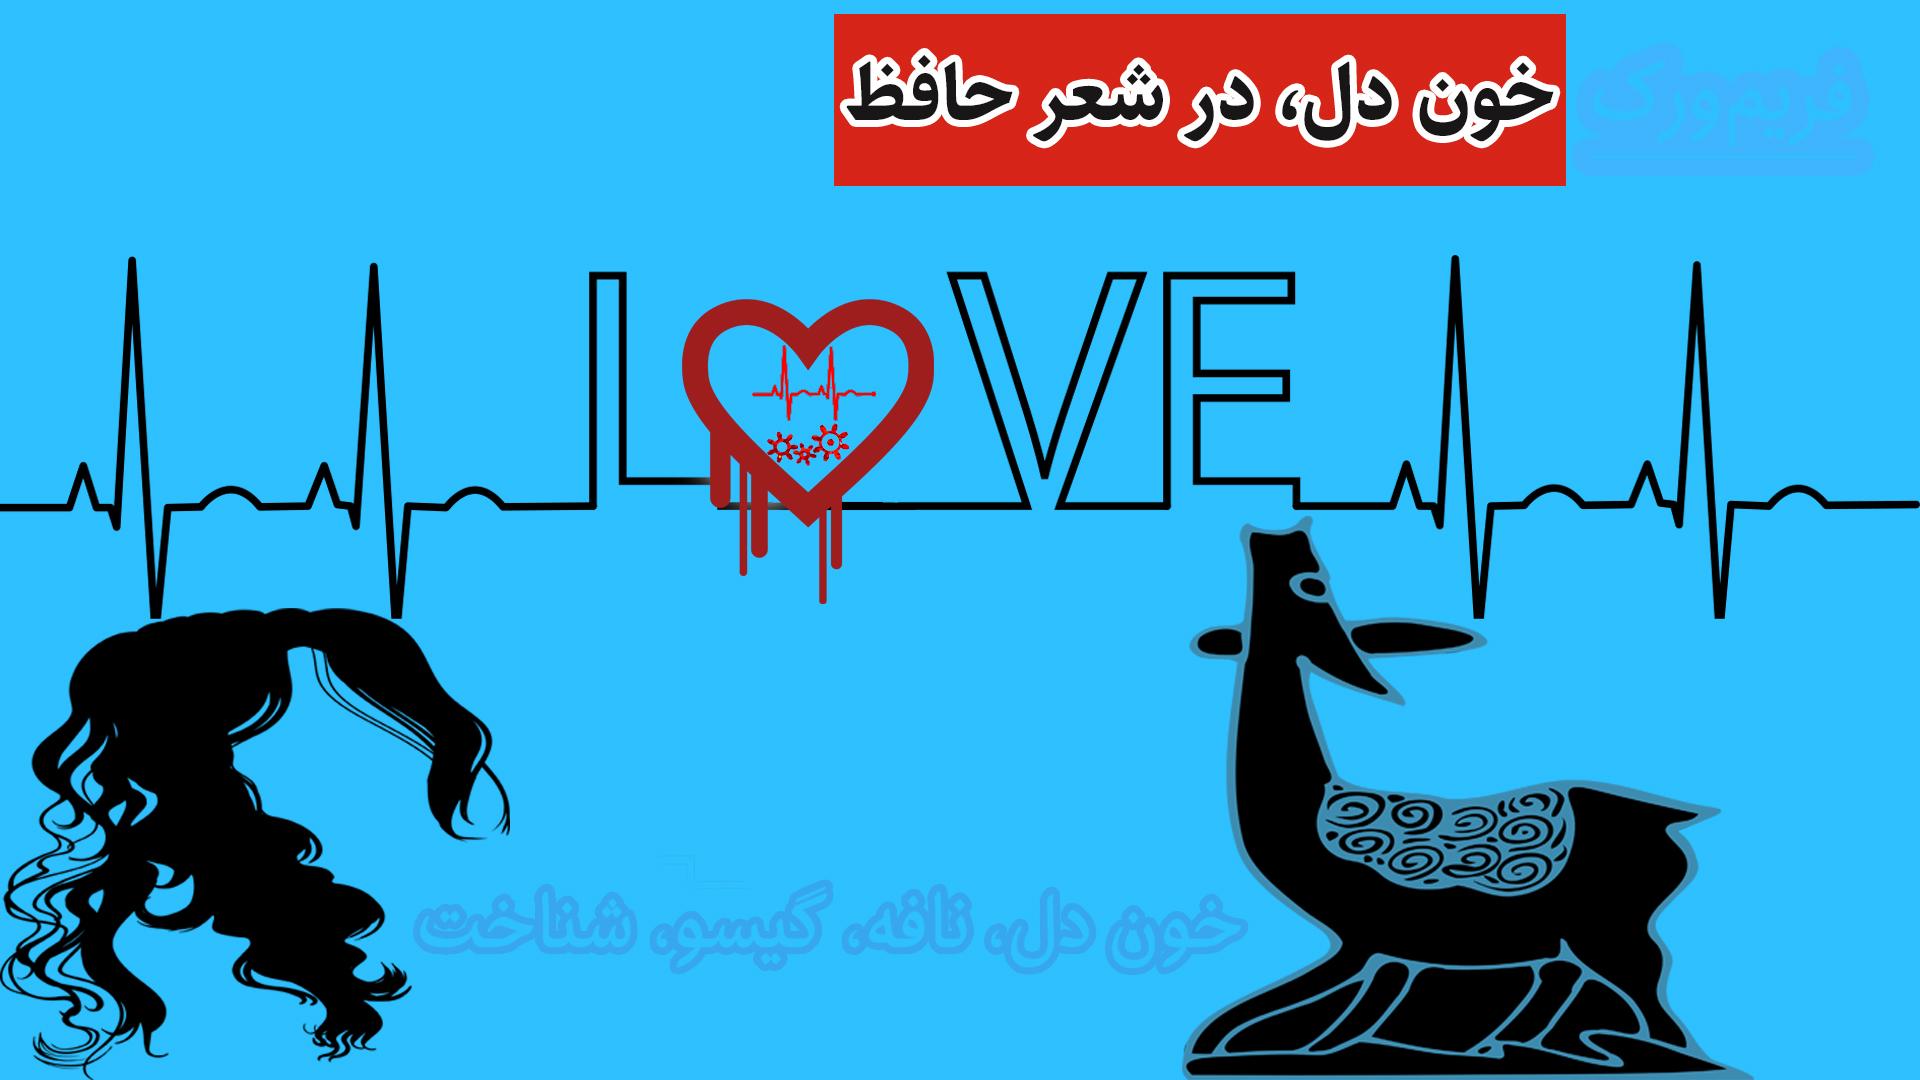 Hafez khone del nafeh zolf حافظپجوهی